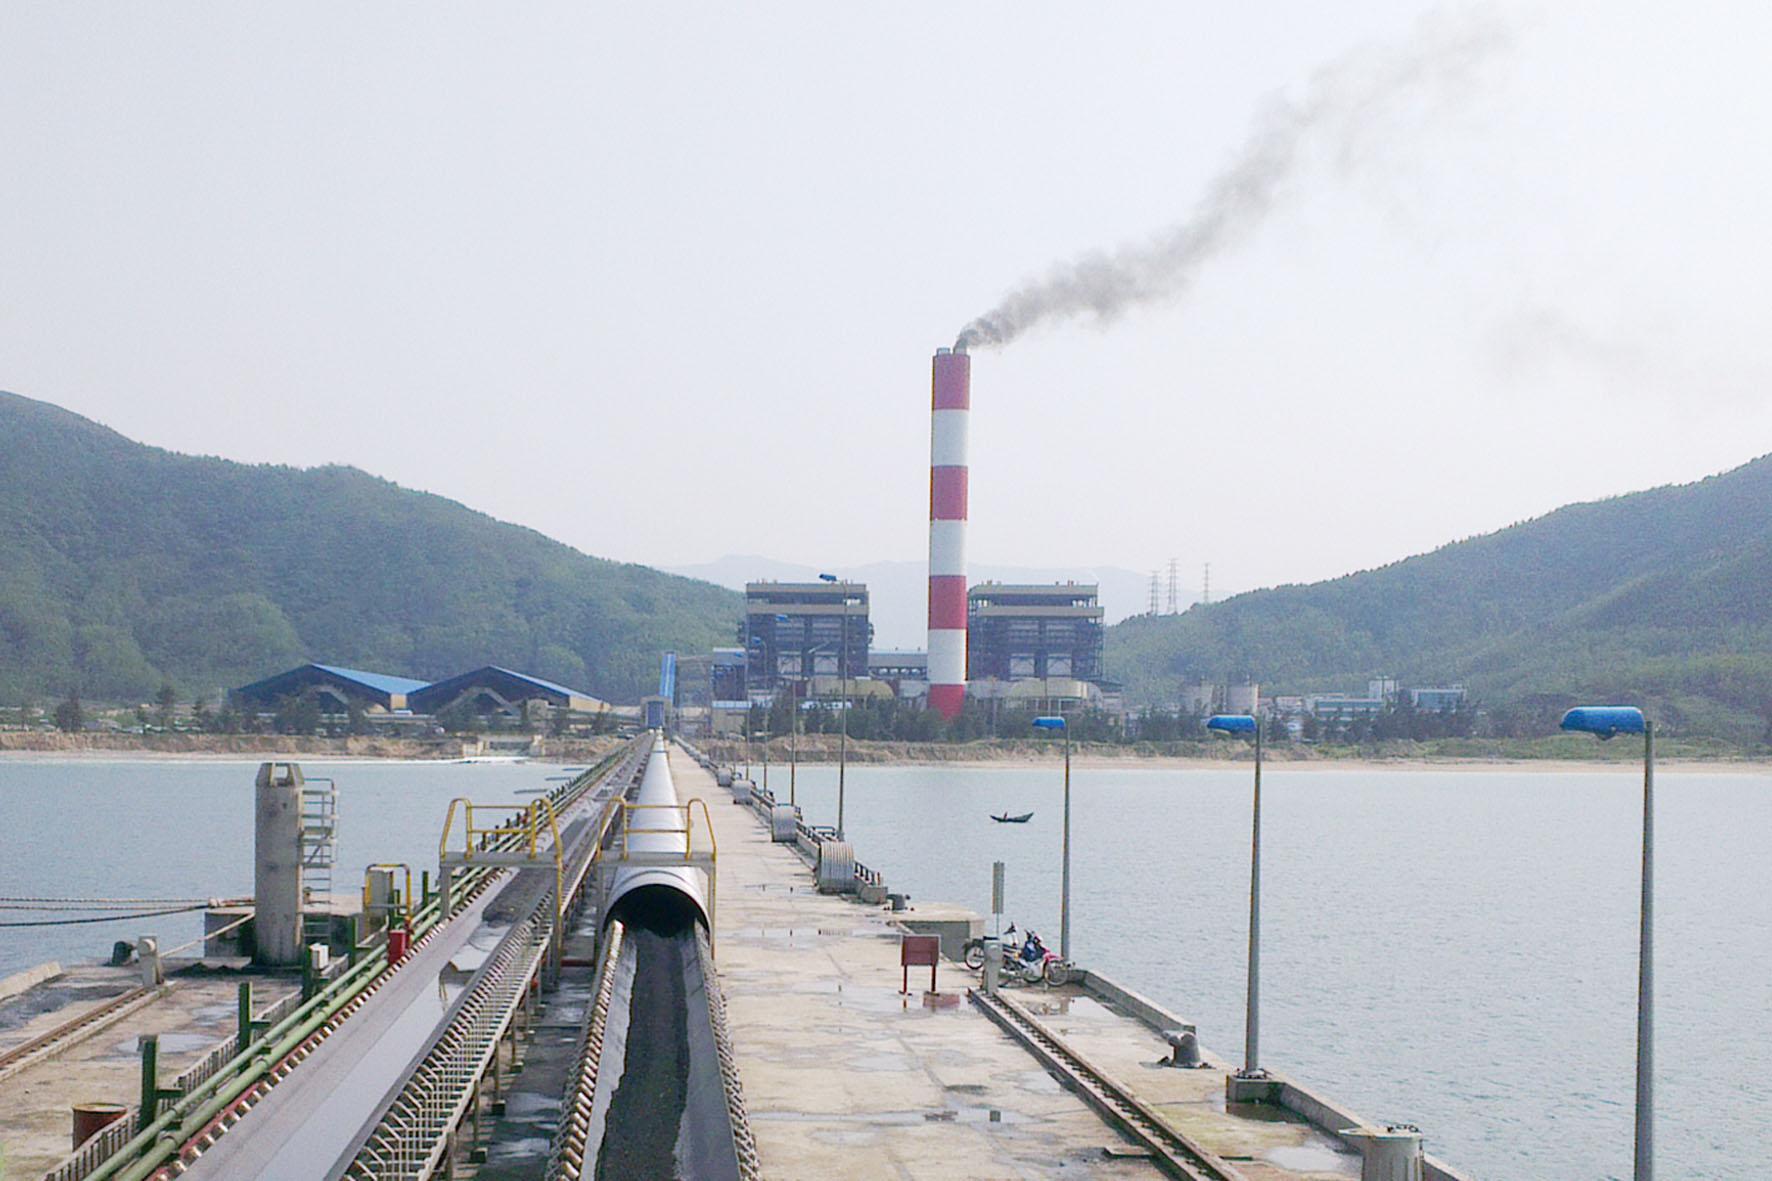 AMECC - Nhiệt điện Vũng Áng 1 đốt lửa bằng dầu thành công lò hơi số 2